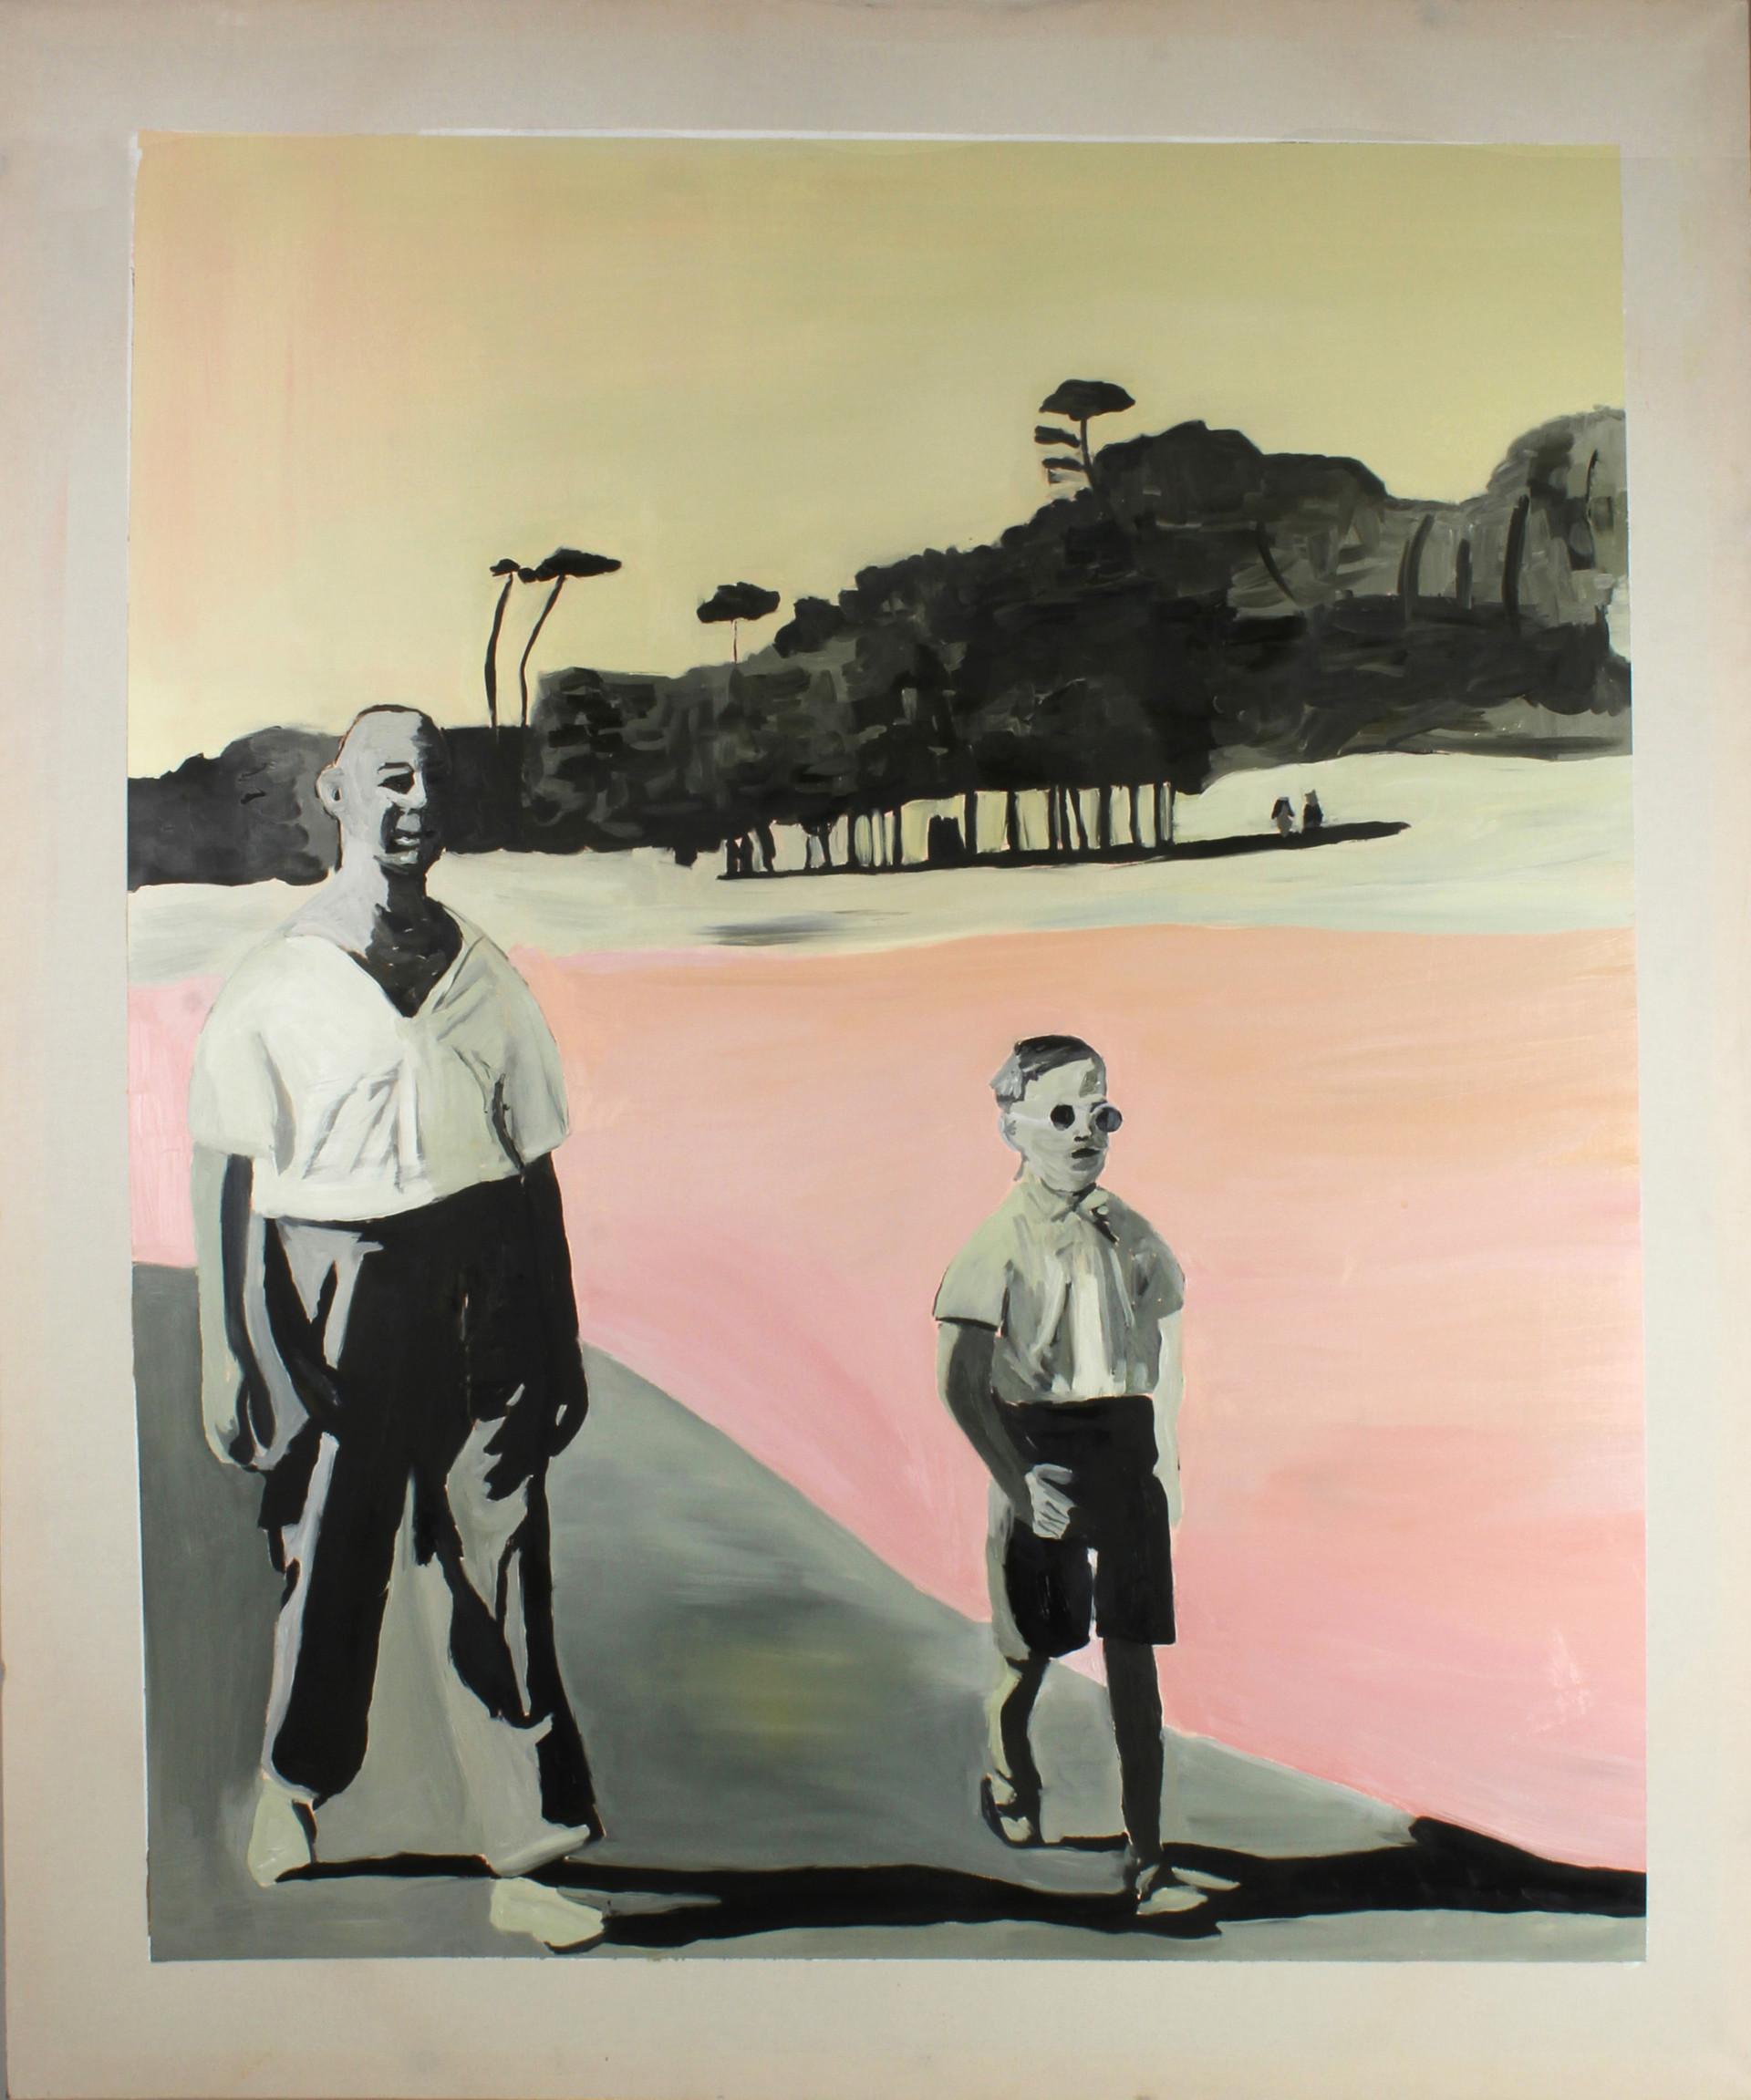 Diplomat, oil on canvas, 180 x 150 cm